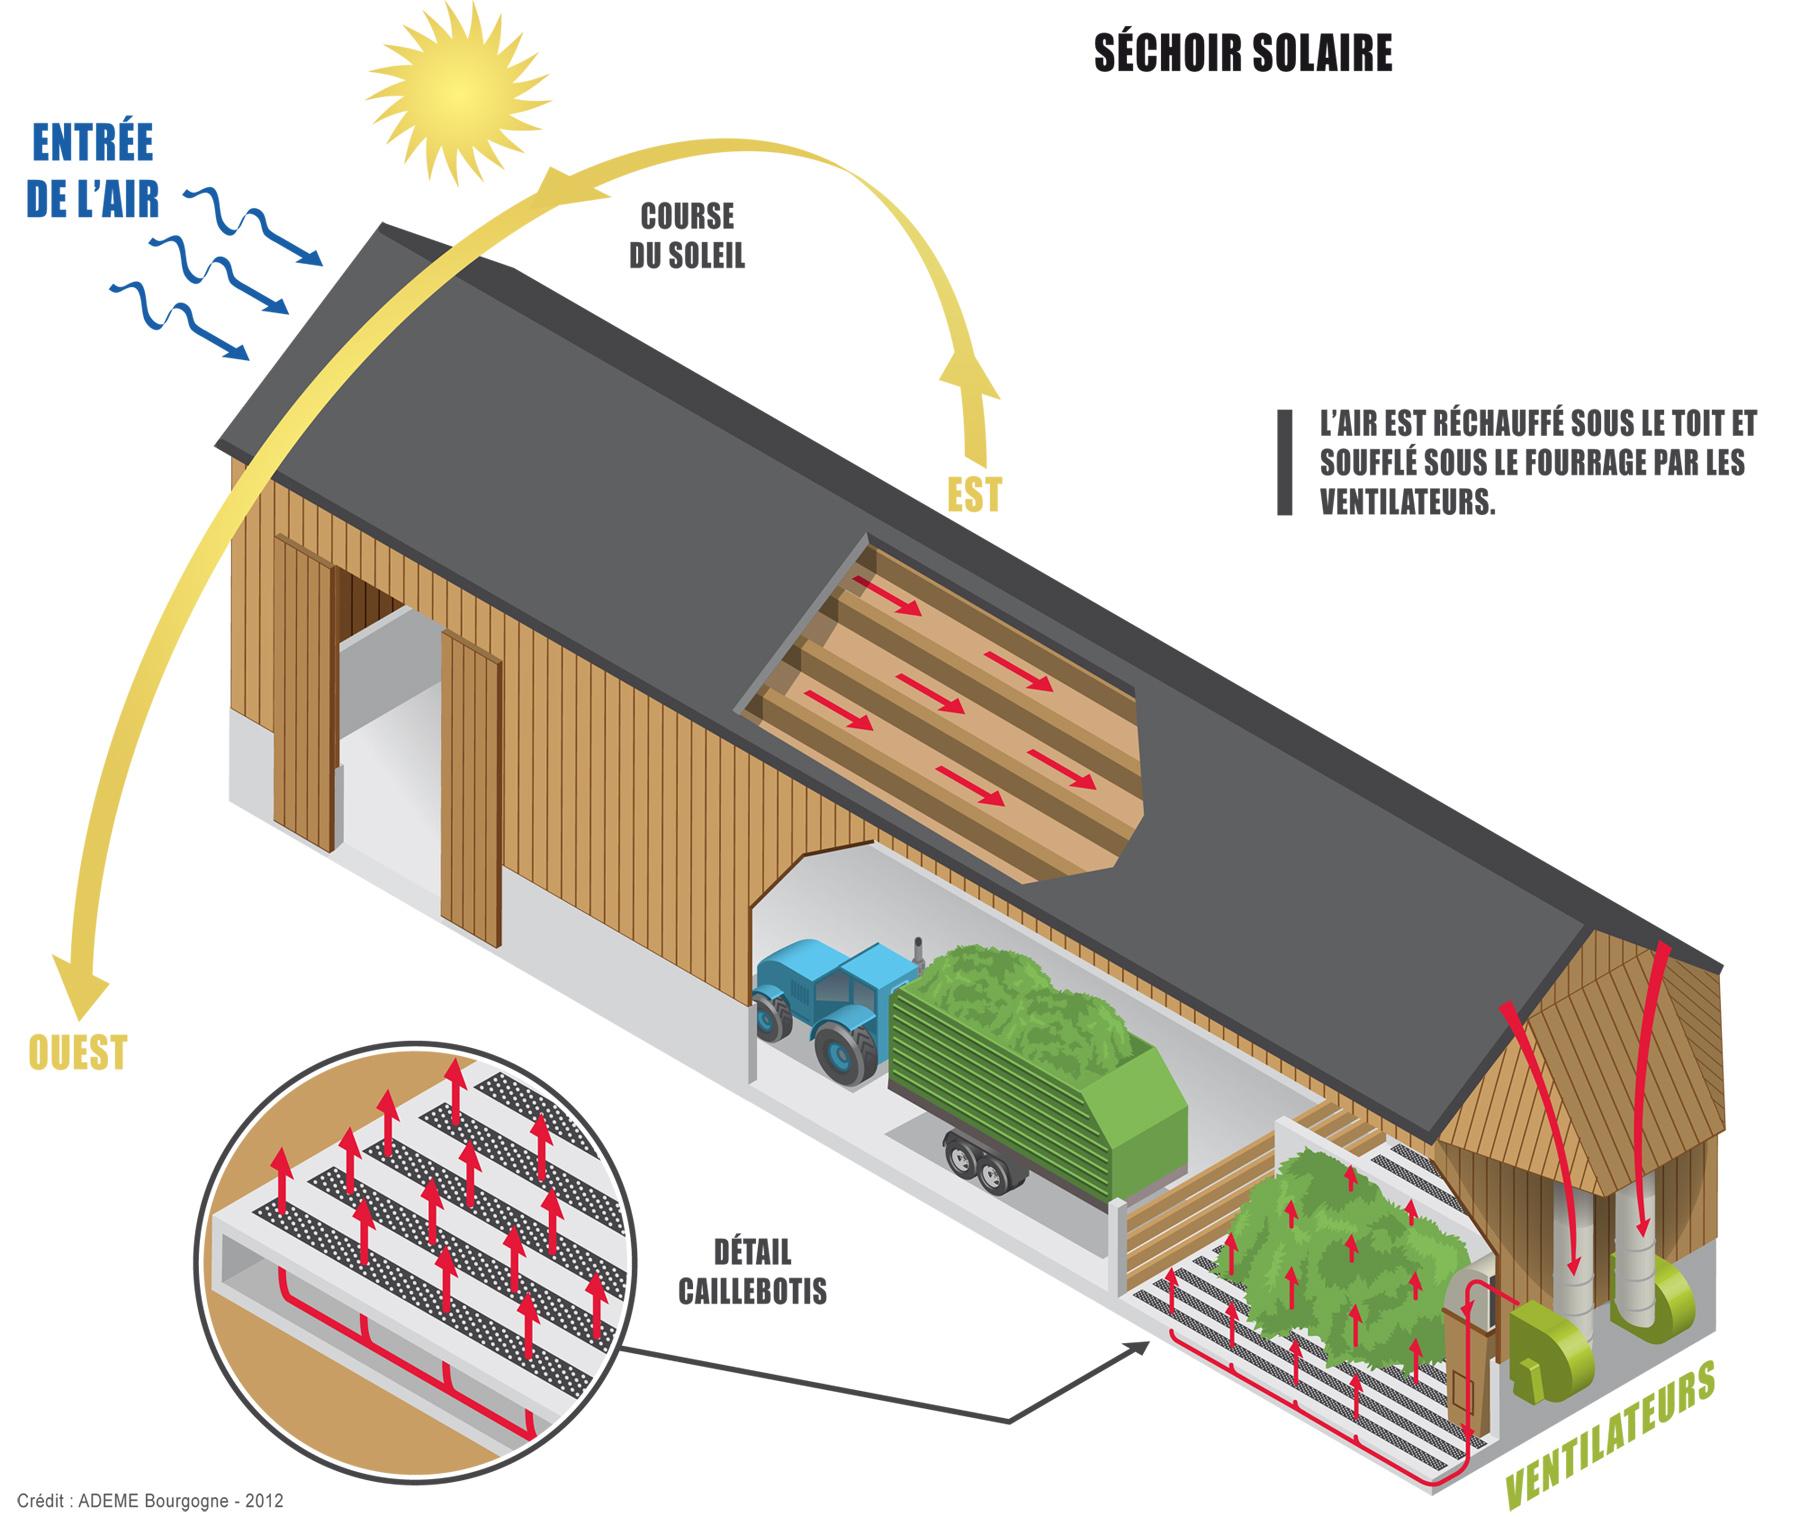 Schéma de principe du séchage solaire de fourrage